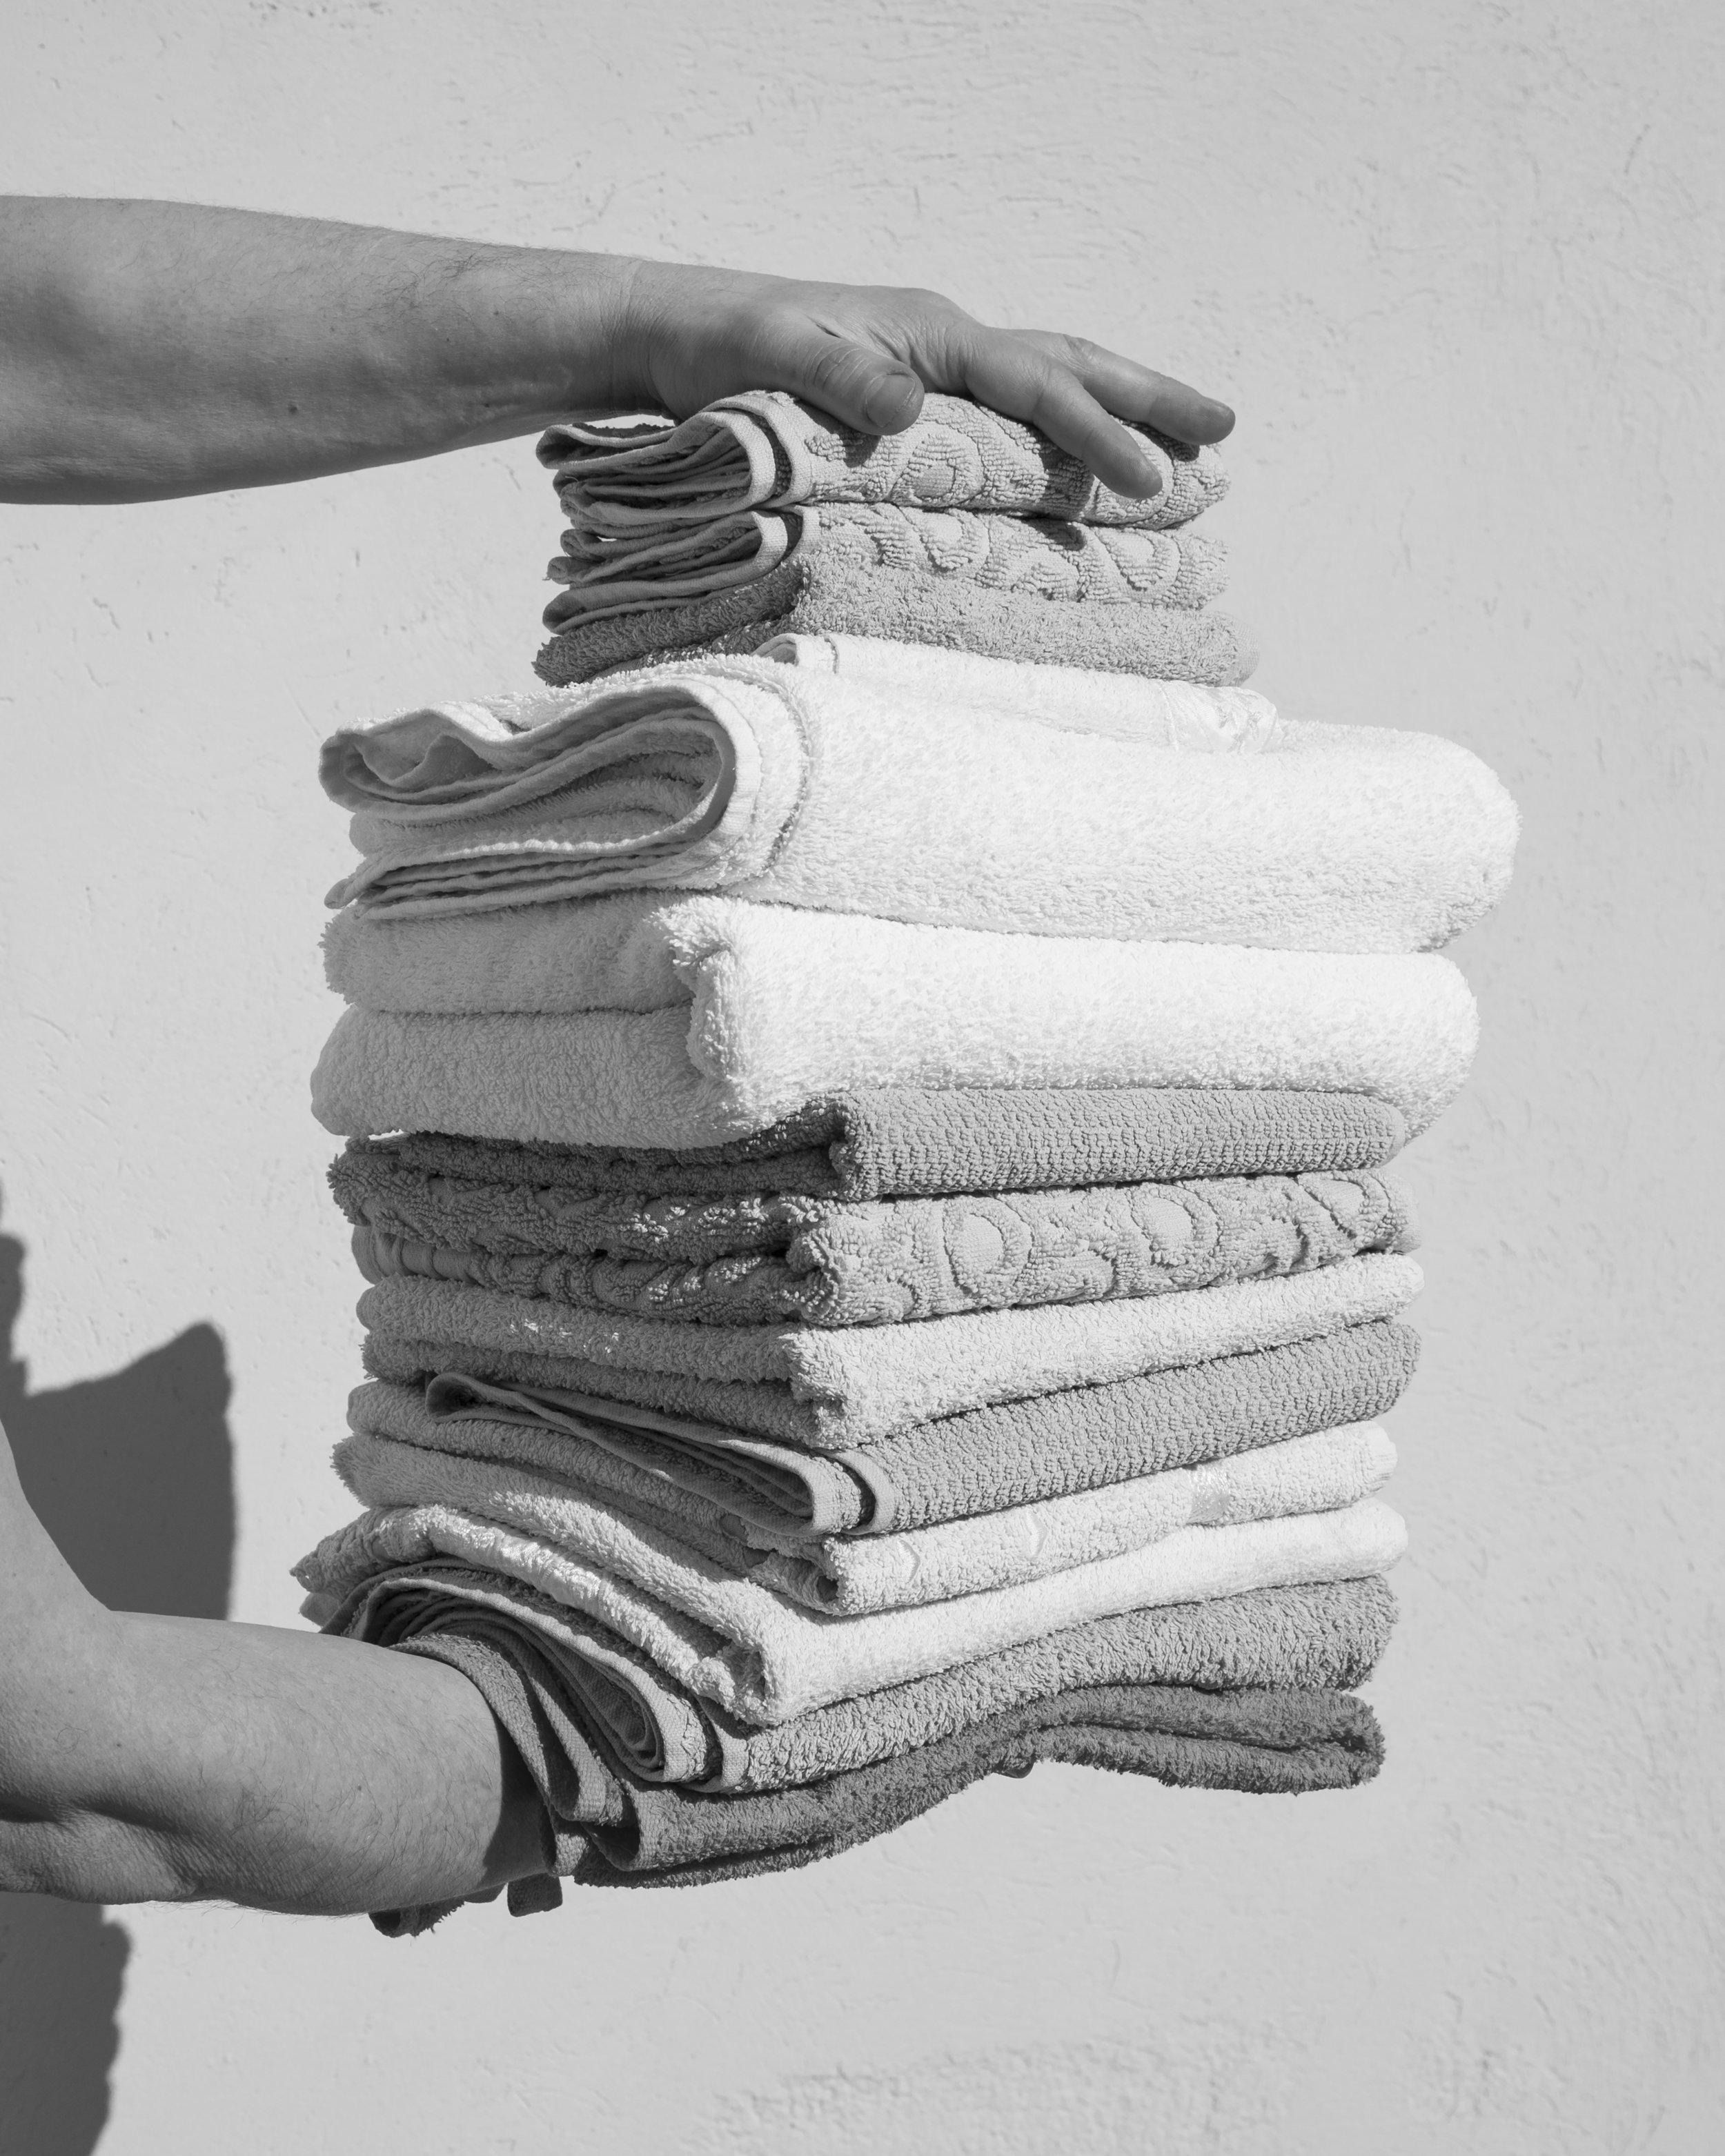 Folded Towels, 2018